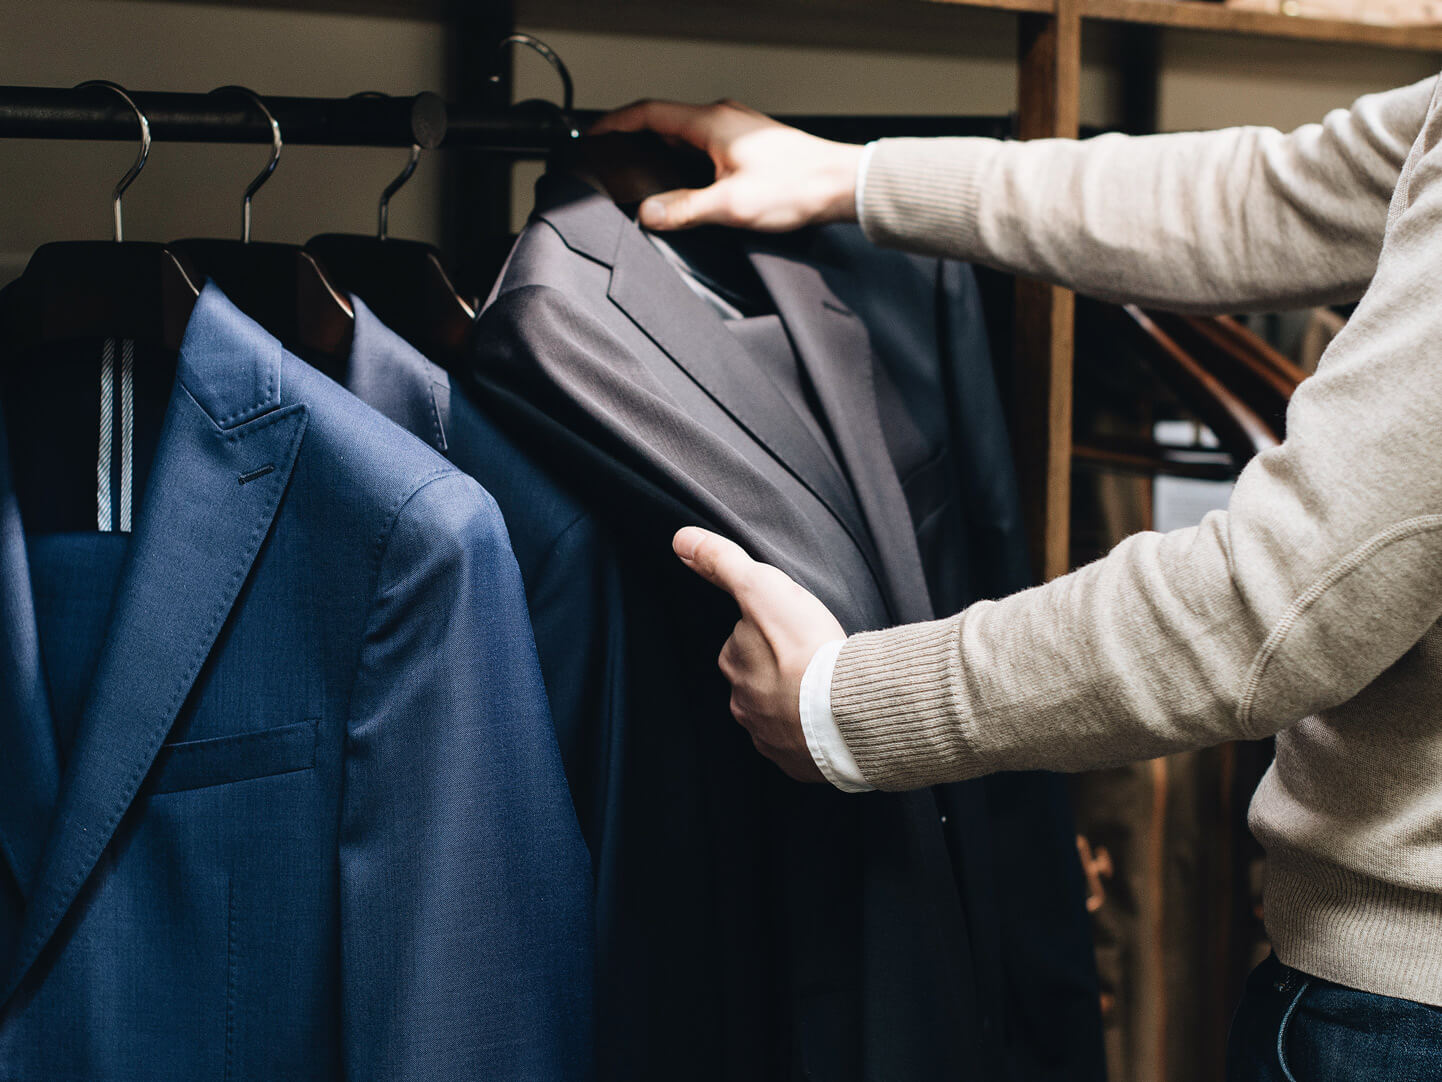 Guide  Att tänka på vid köp av kostym  ab7d8a5a36d6b